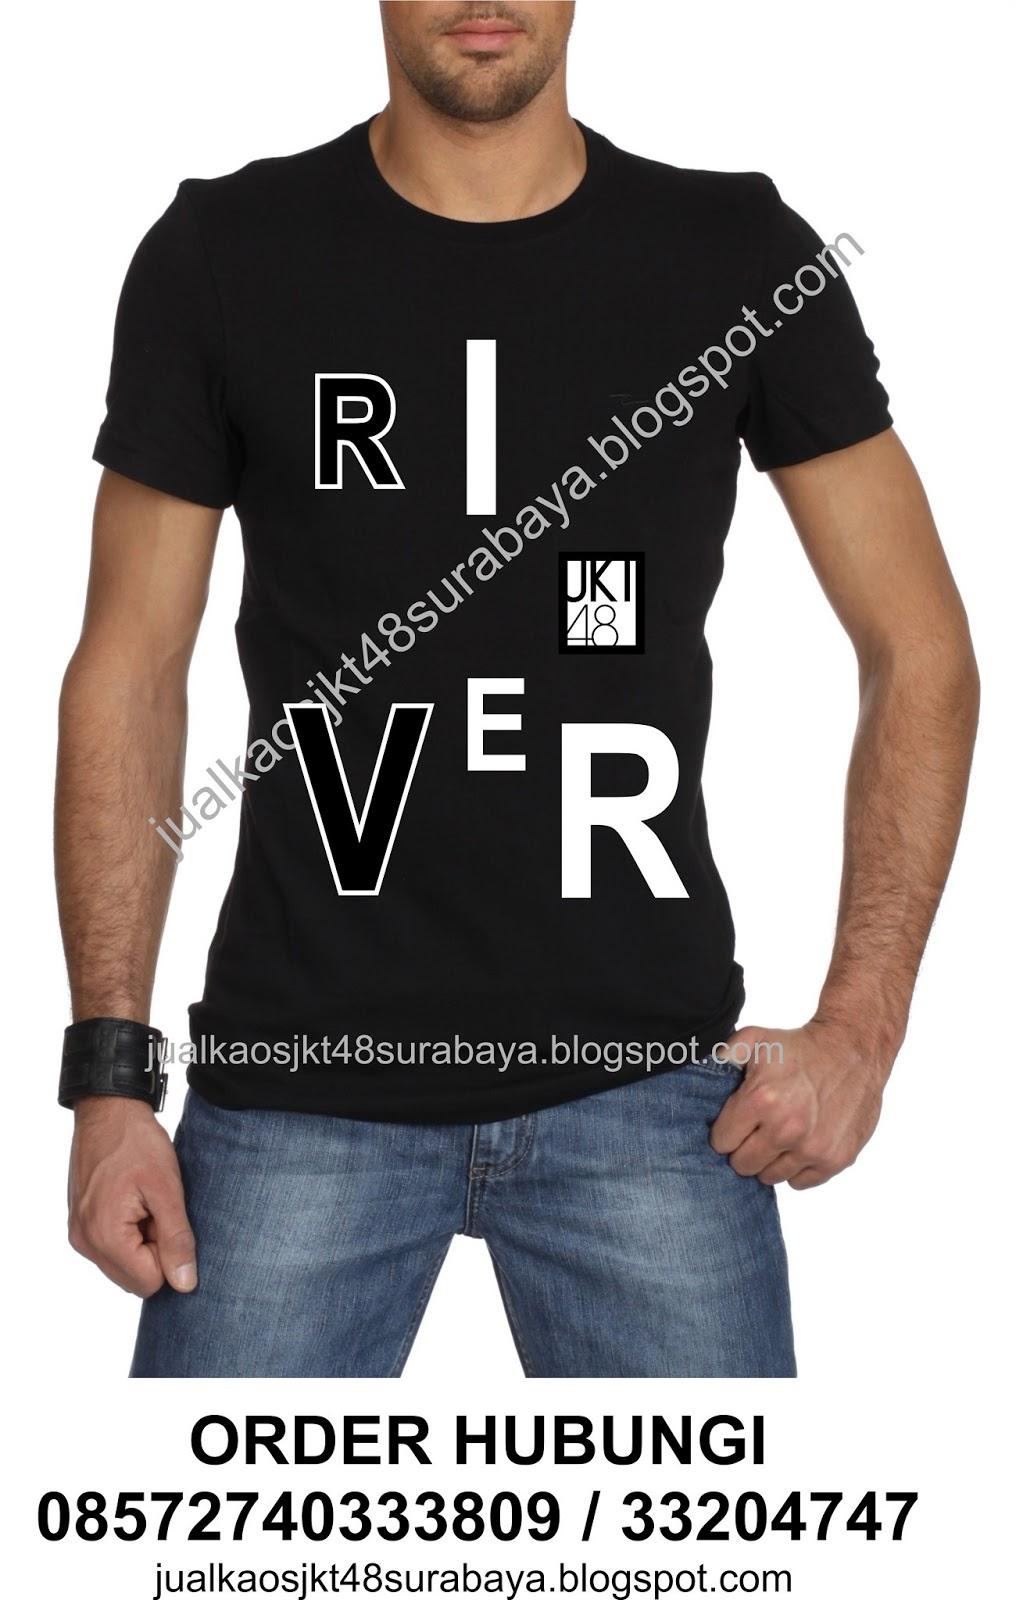 Desain t shirt jkt48 - Jual Kaos Jkt48 Surabayakaos Jkt48